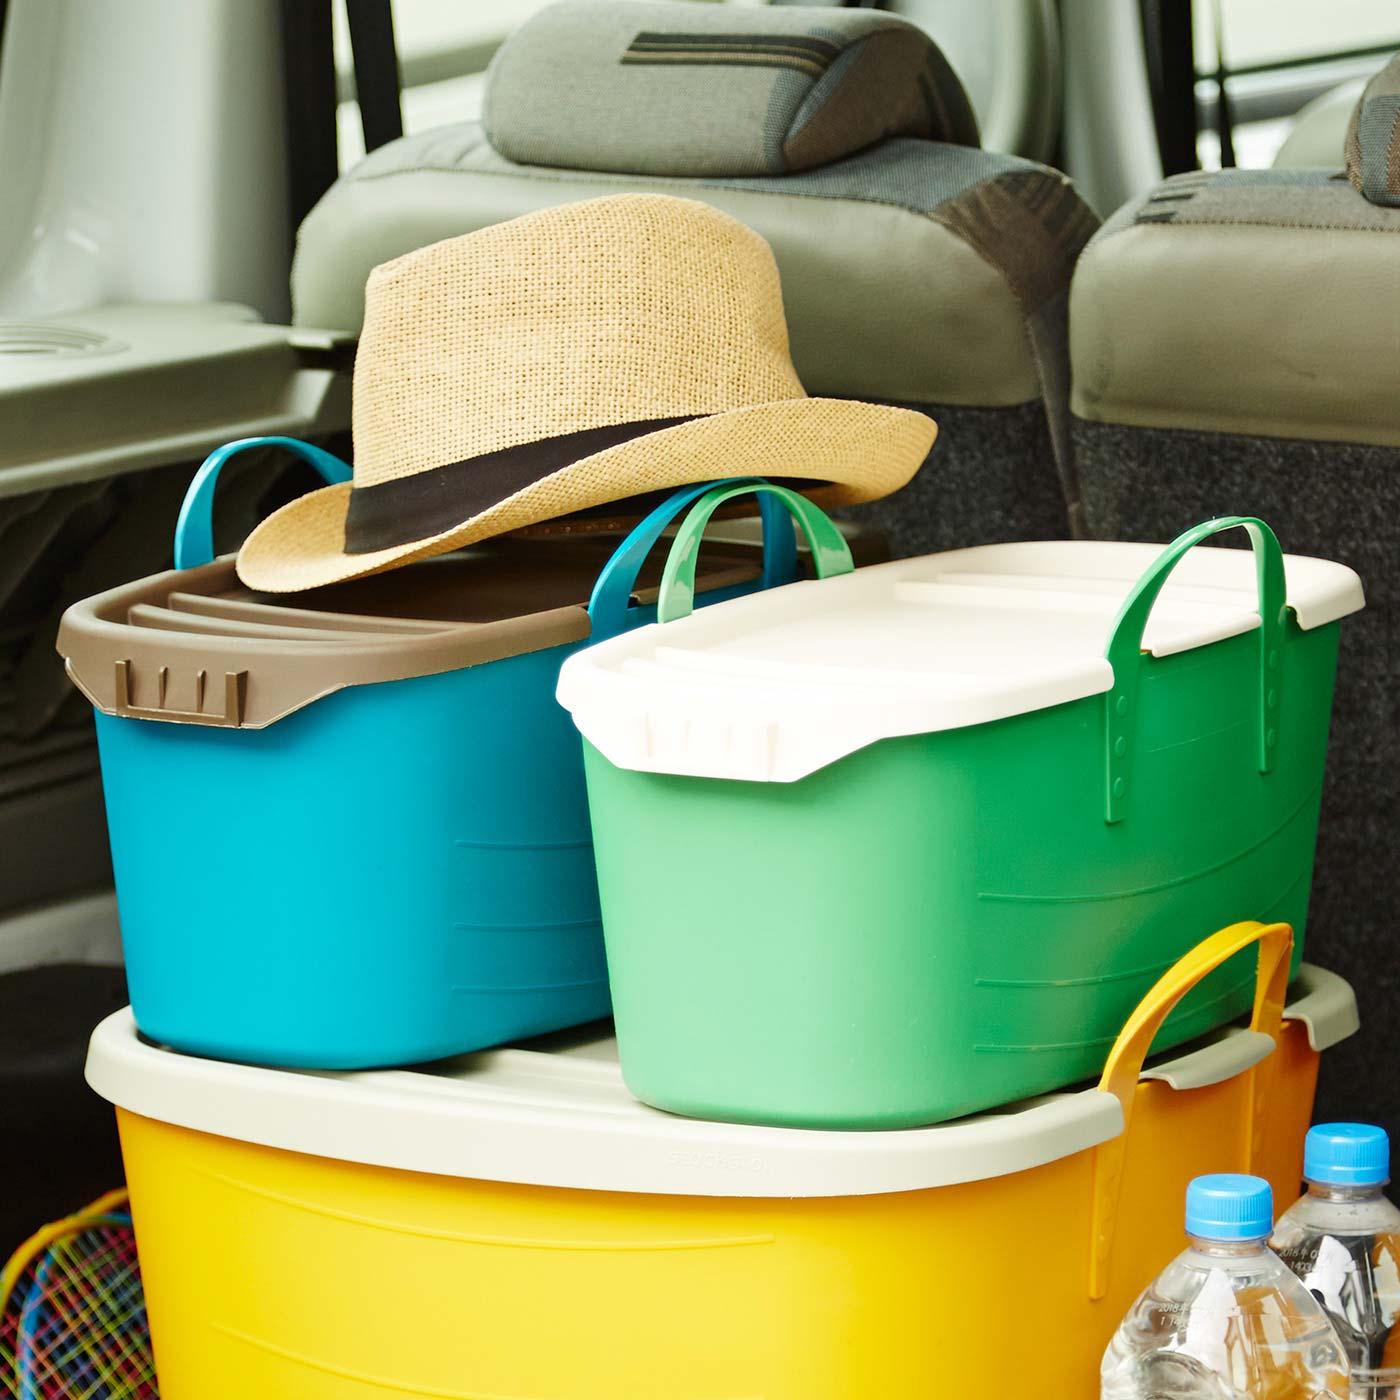 ふたをすると積み重ねて置けるので、移動や収納に便利。